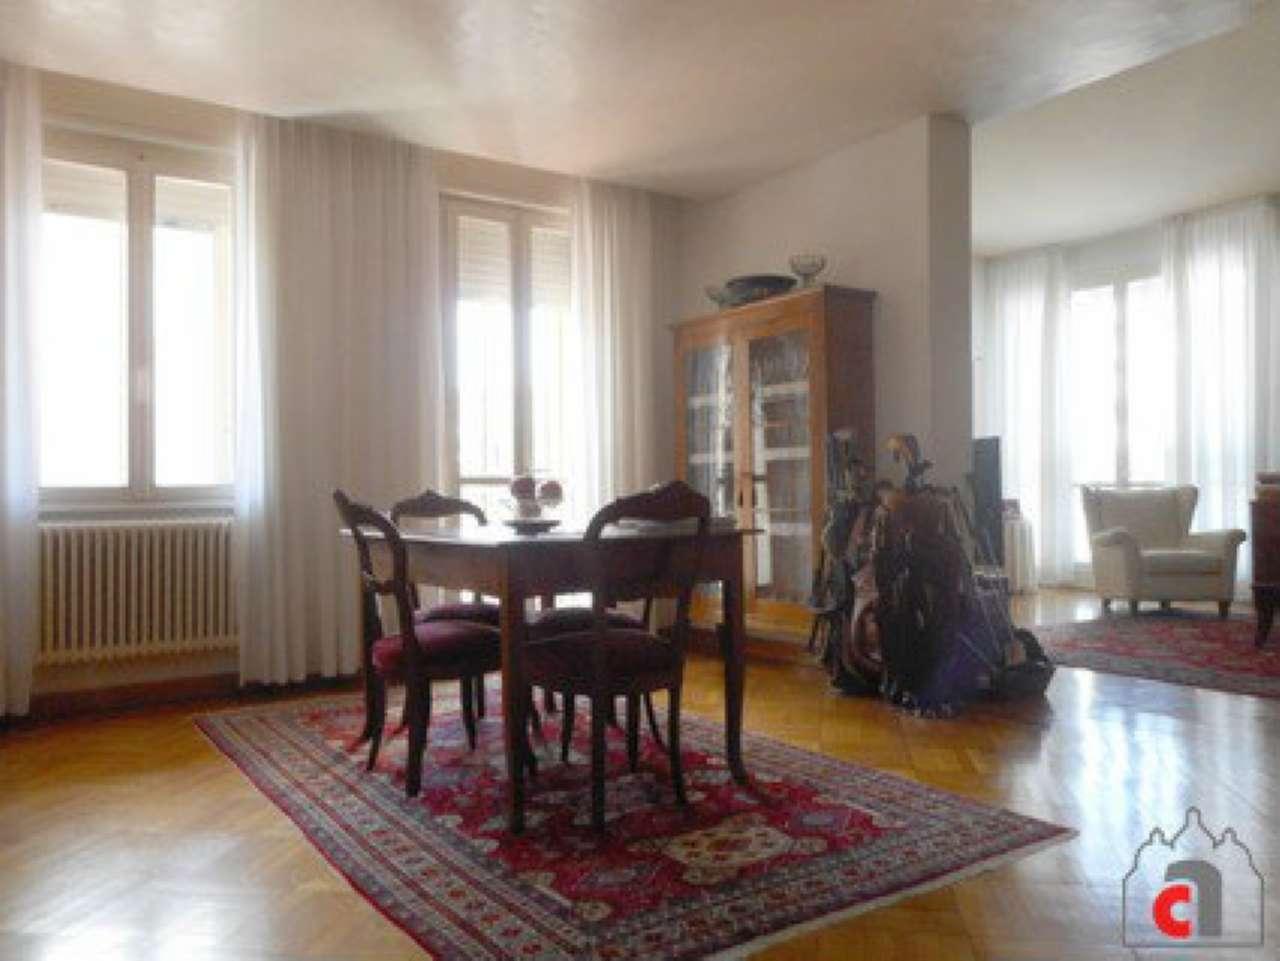 Appartamento in vendita a Padova, 6 locali, zona Zona: 1 . Centro, prezzo € 370.000 | CambioCasa.it